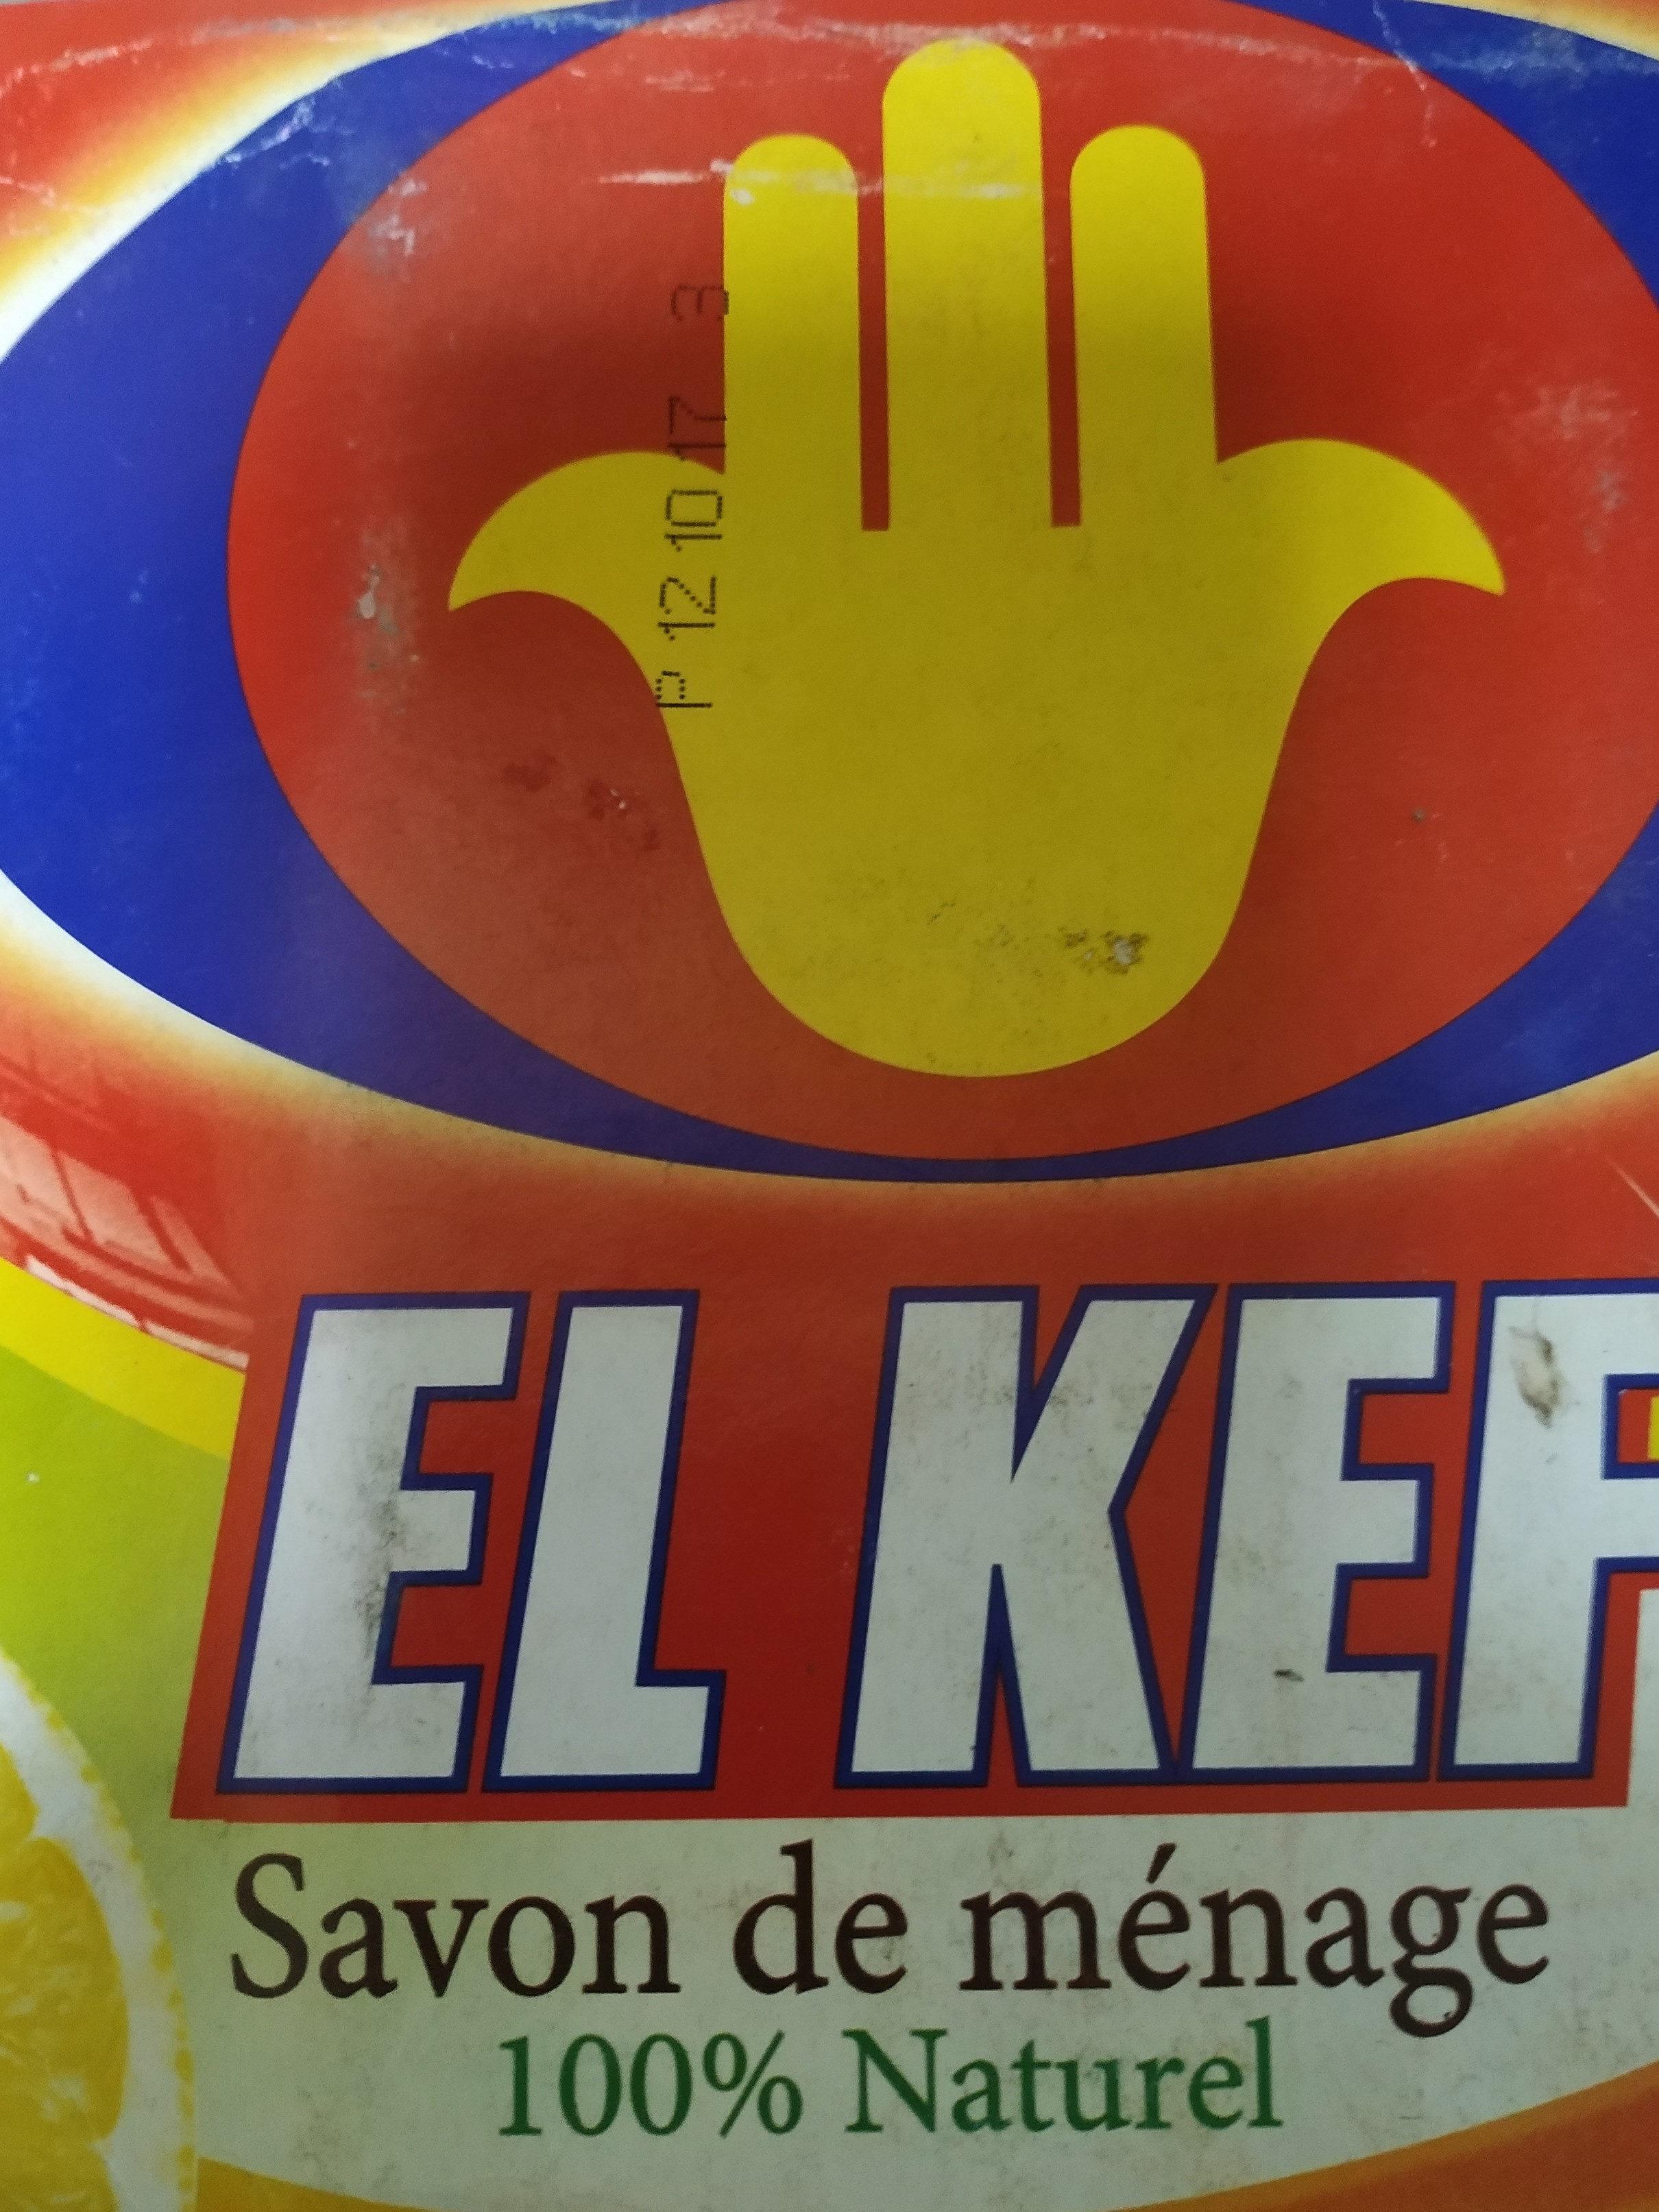 savon el kef - Product - ar